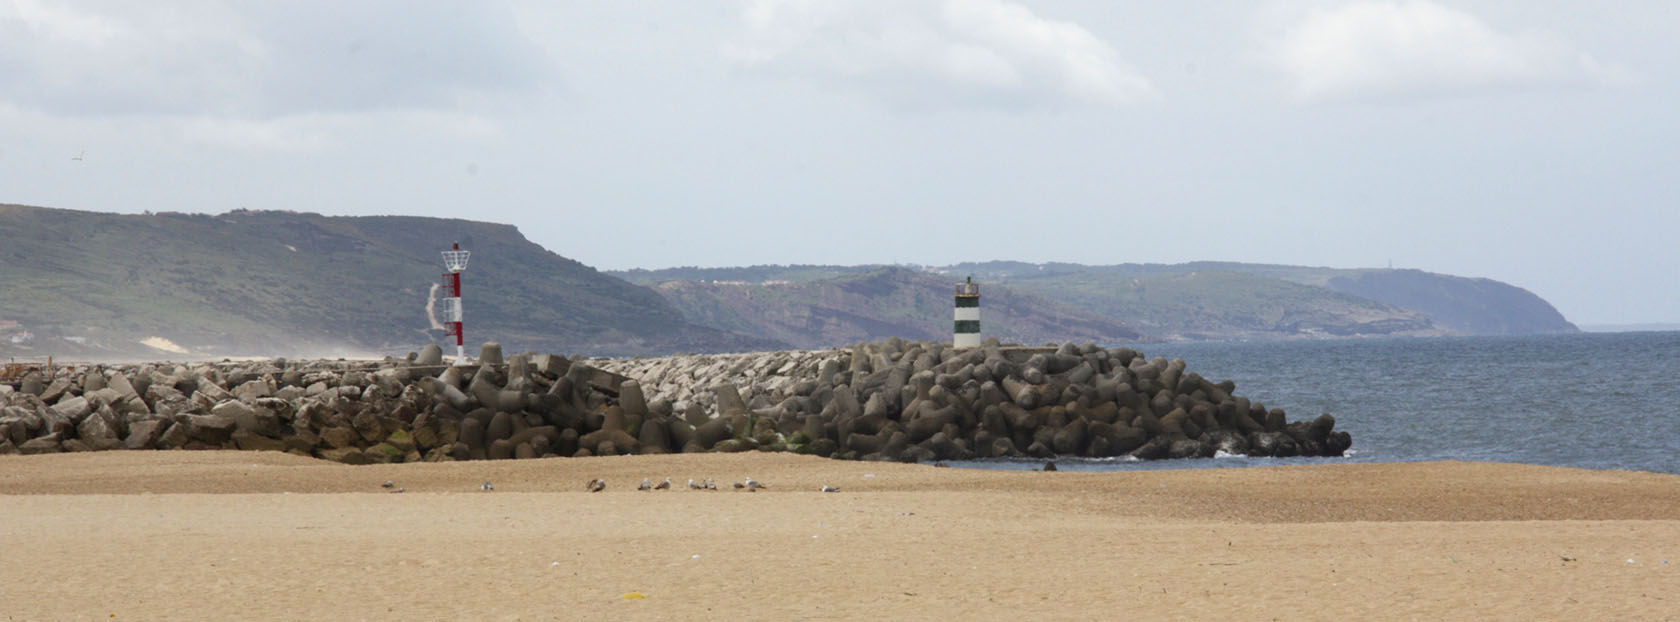 Nazare beach #Nazare #Portugal @GingerandNutmeg